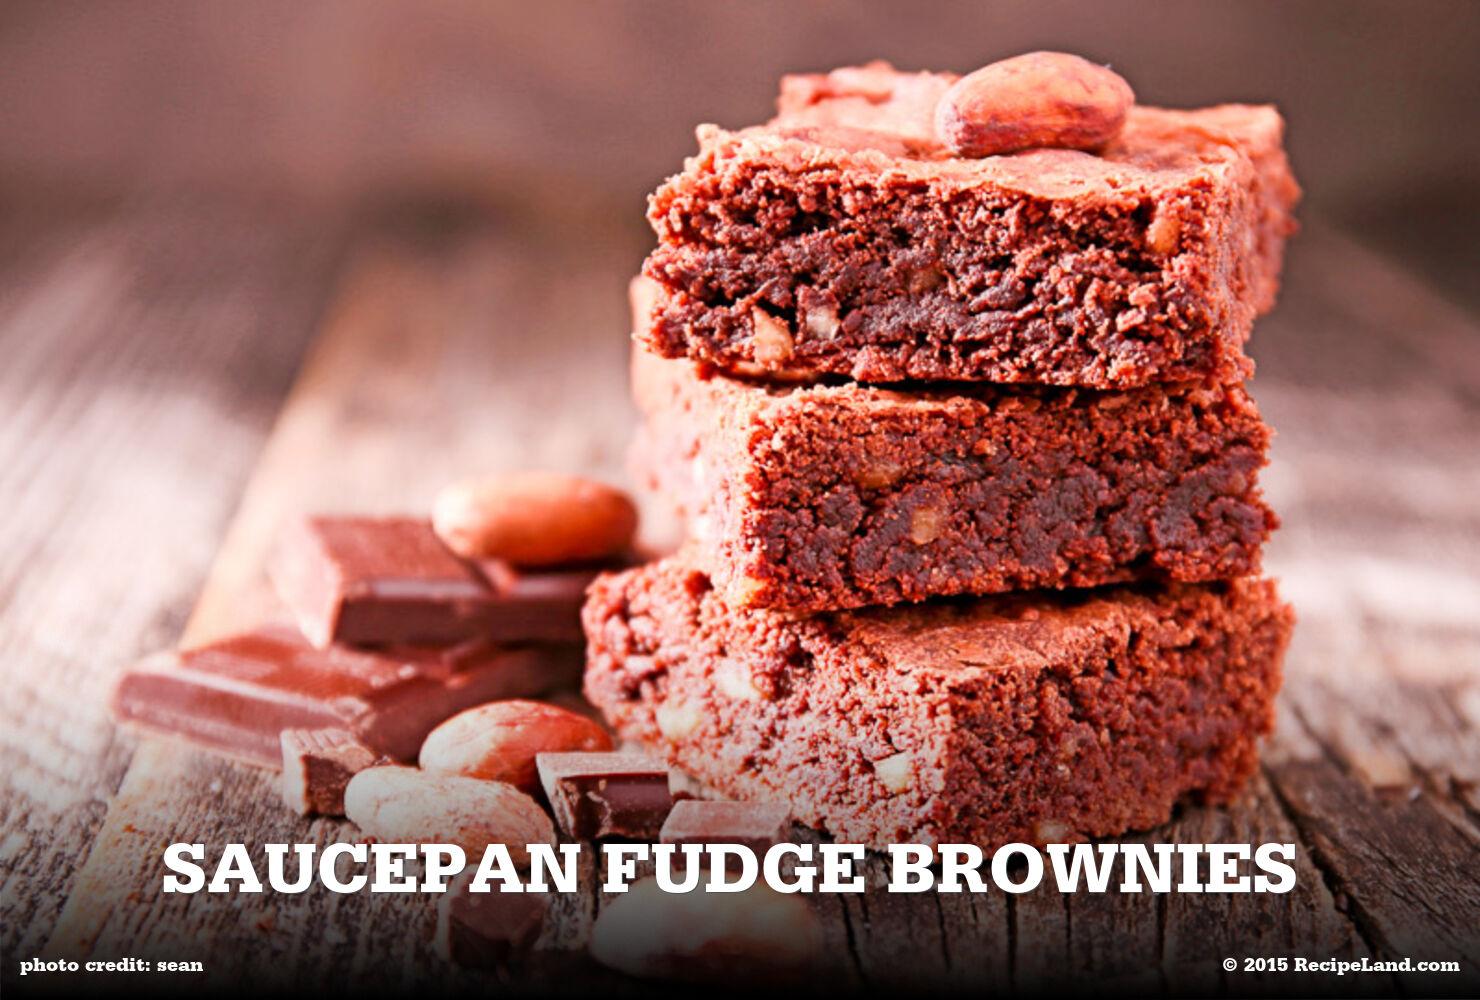 Saucepan Fudge Brownies